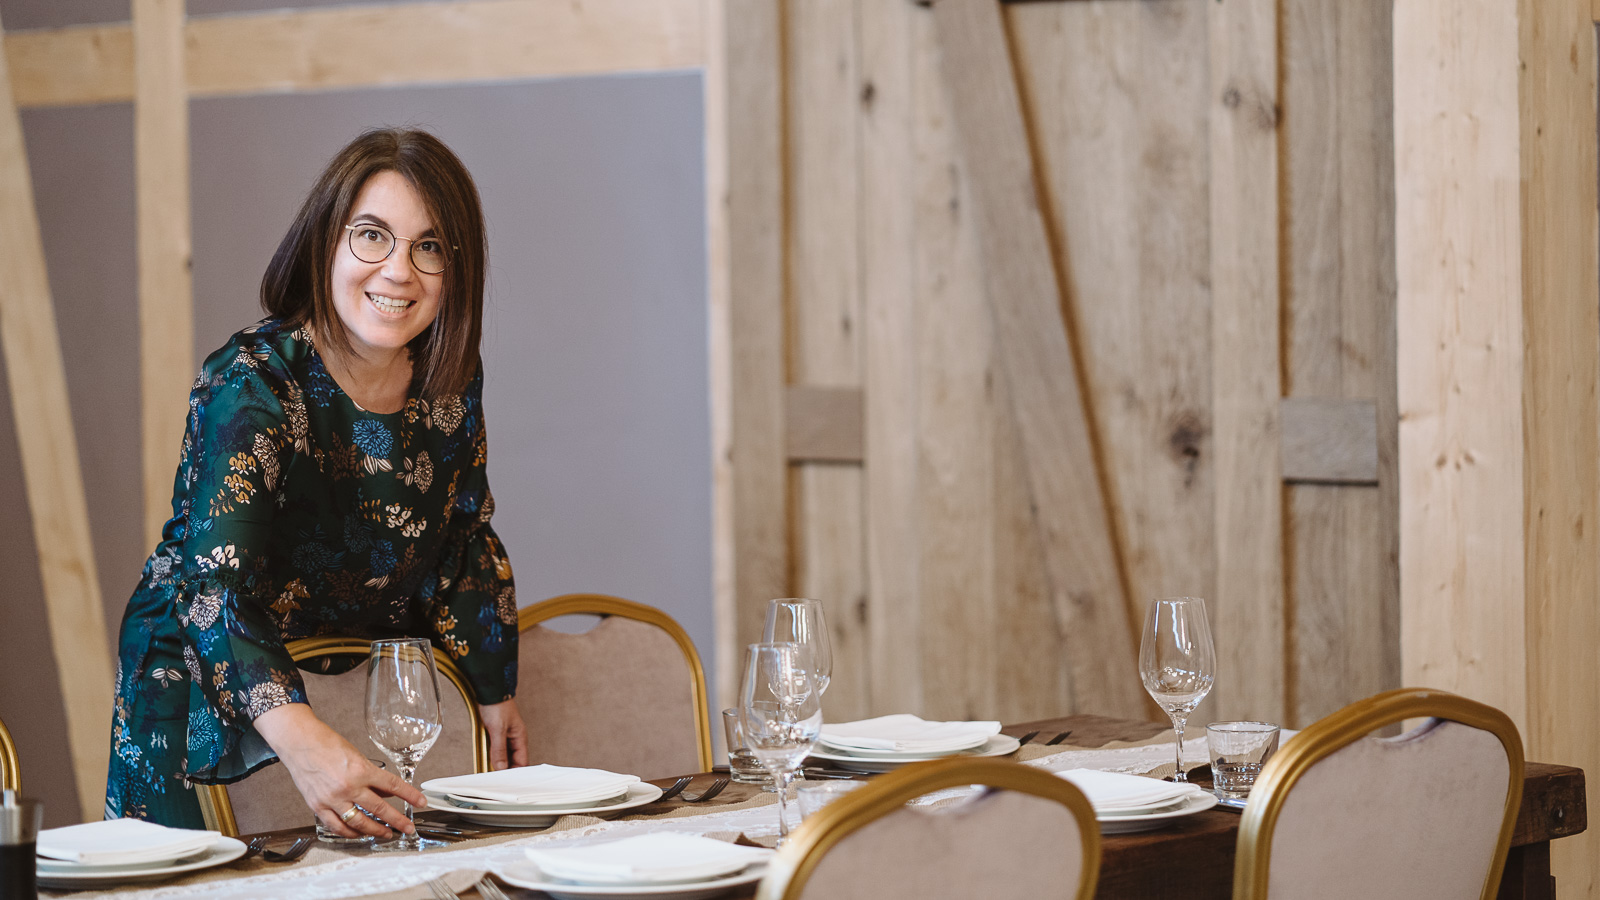 Iris Krolop Weddingplanerin überprüft die Tische - Businessporträts Bernadett Yehdou